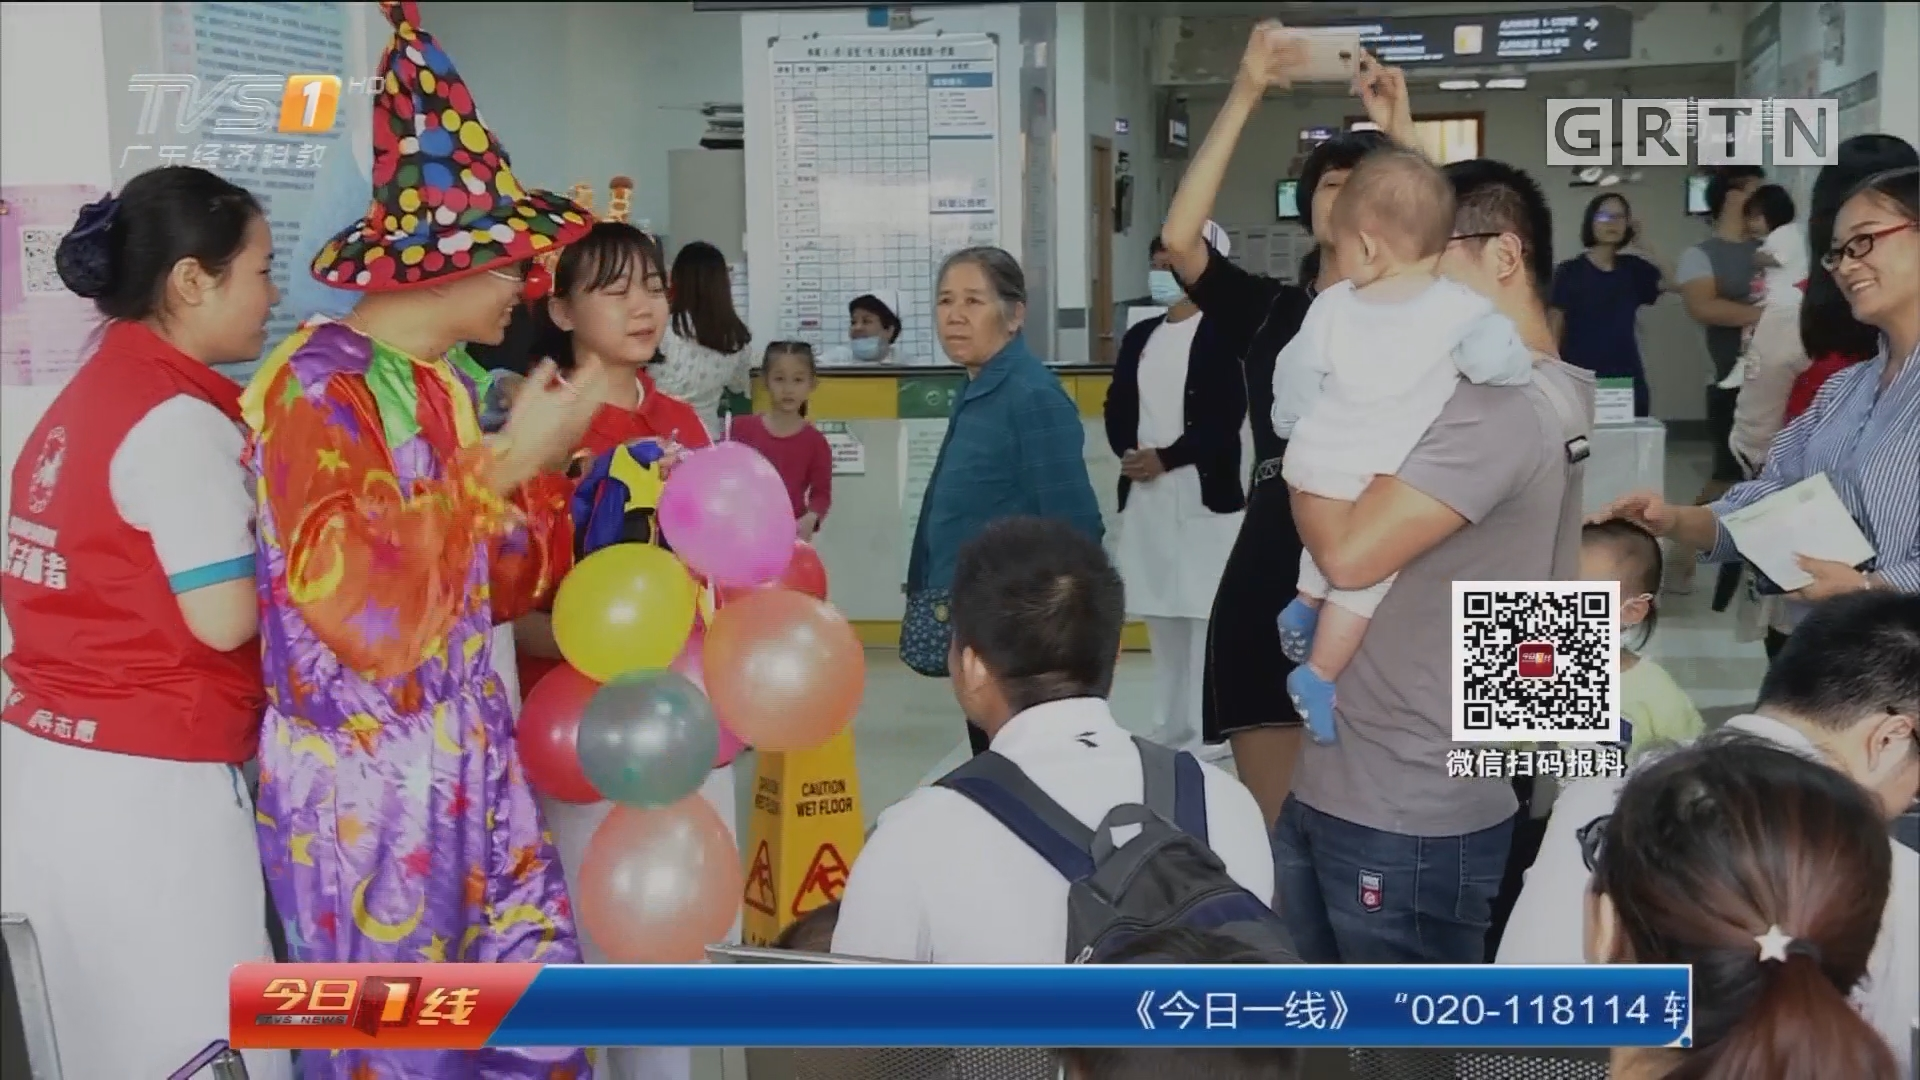 珠海市妇幼保健院:小丑医生送欢乐 病房诊室欢声笑语